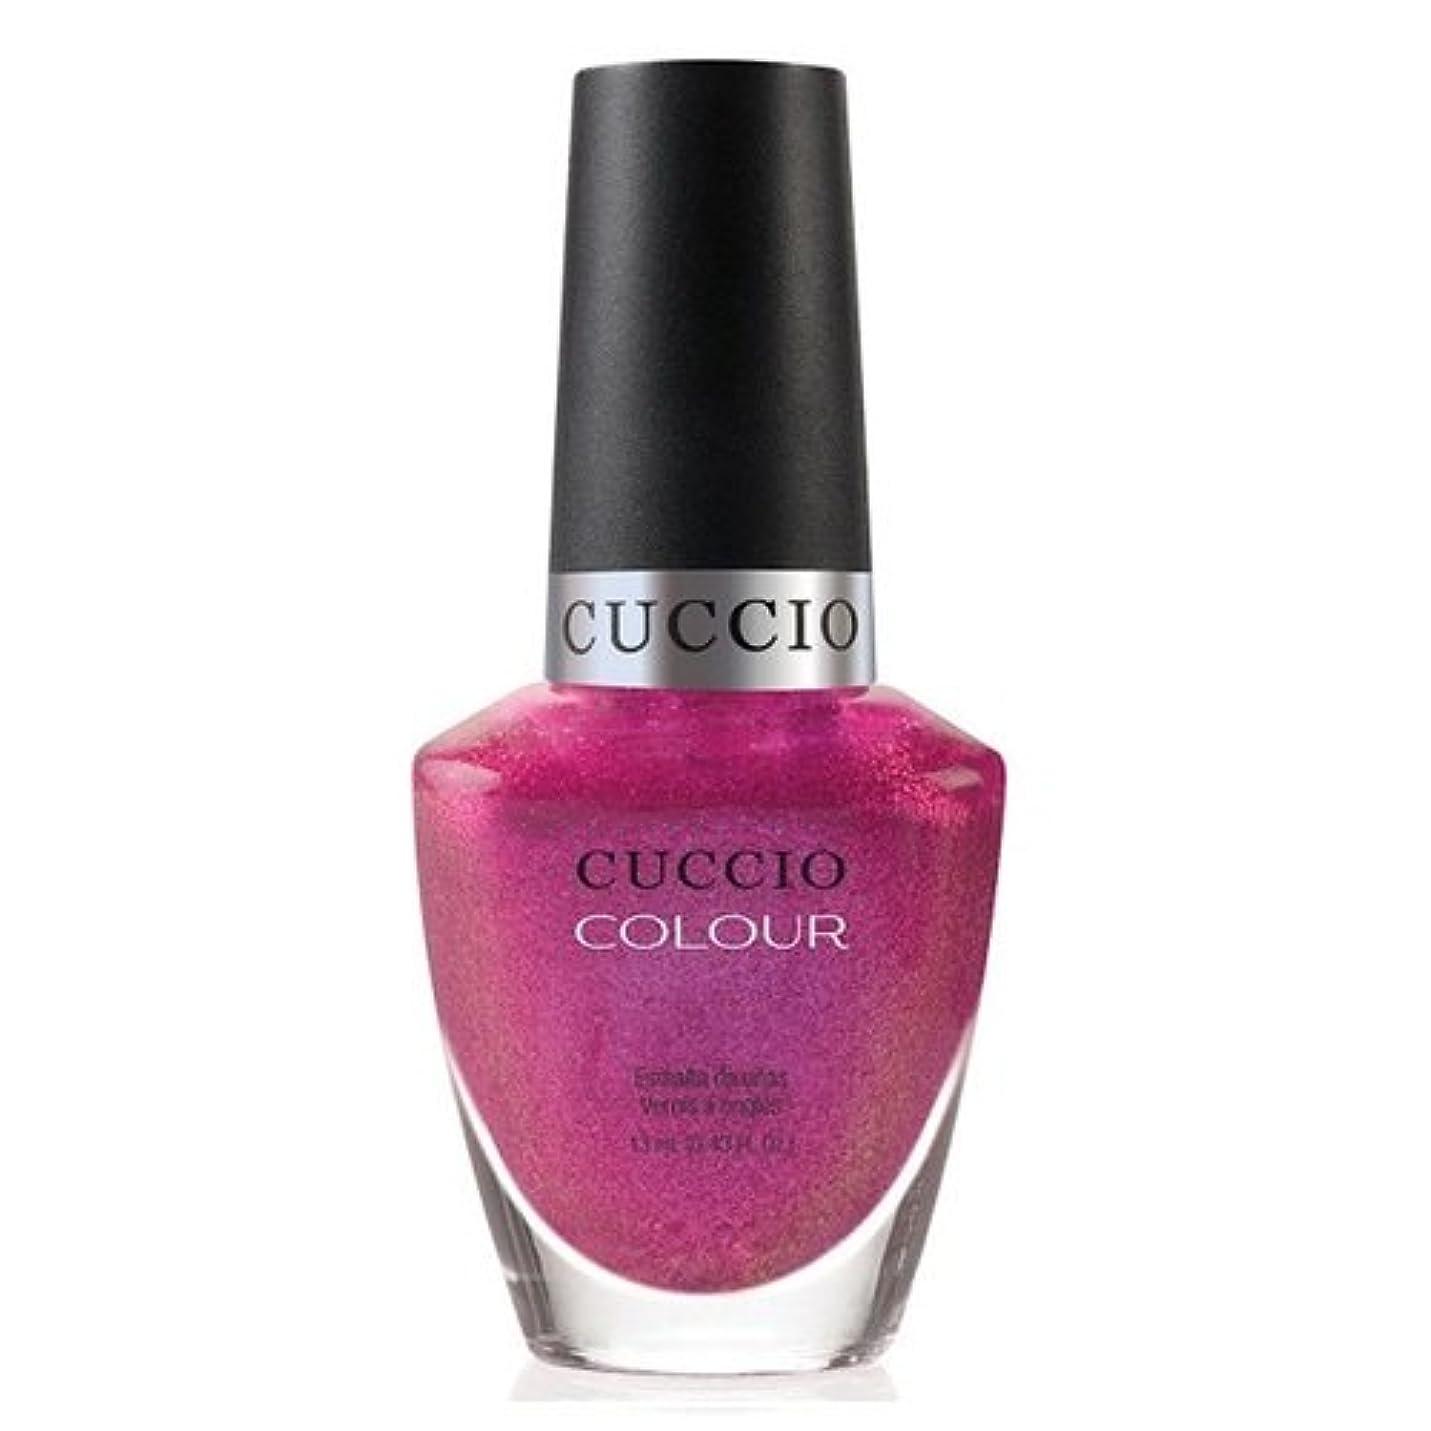 リーガン円形の重荷Cuccio Colour Gloss Lacquer - Femme Fatale - 0.43oz/13ml